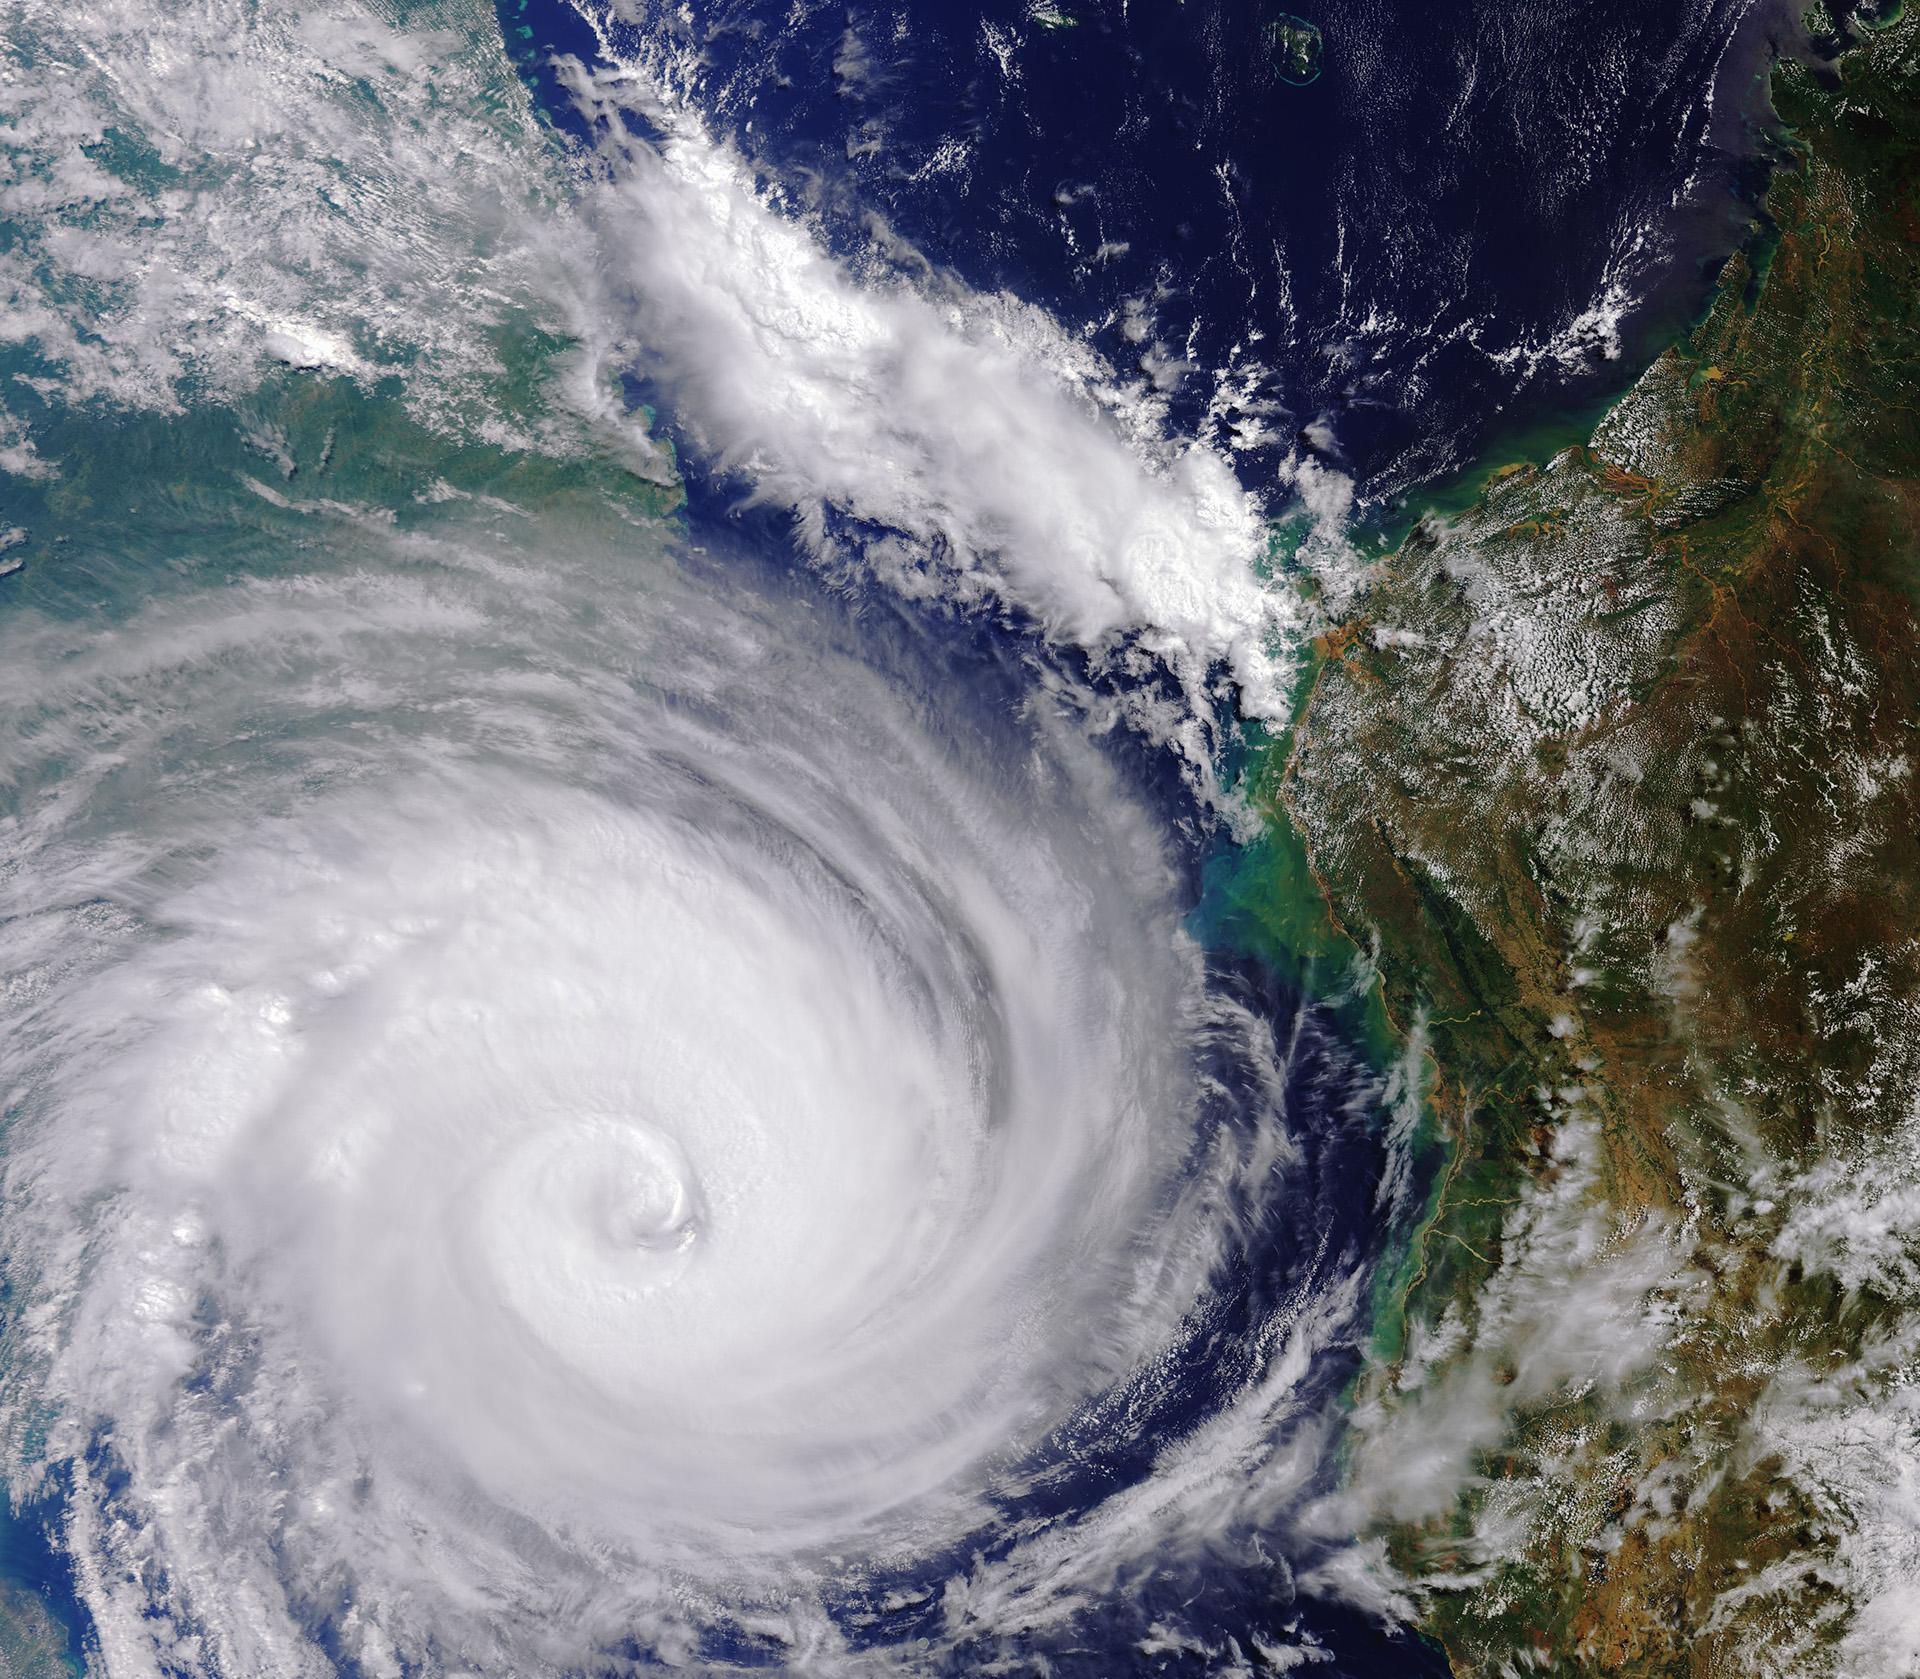 Imágenes satelitales de la misión Copernicus Sentinel-3 publicadas por la Agencia Espacial Europea (ESA) el 20 de marzo de 2019, muestran el ciclón Idai el 13 de marzo de 2019, al oeste de Madagascar ydirigiéndose a Mozambique (AFP)